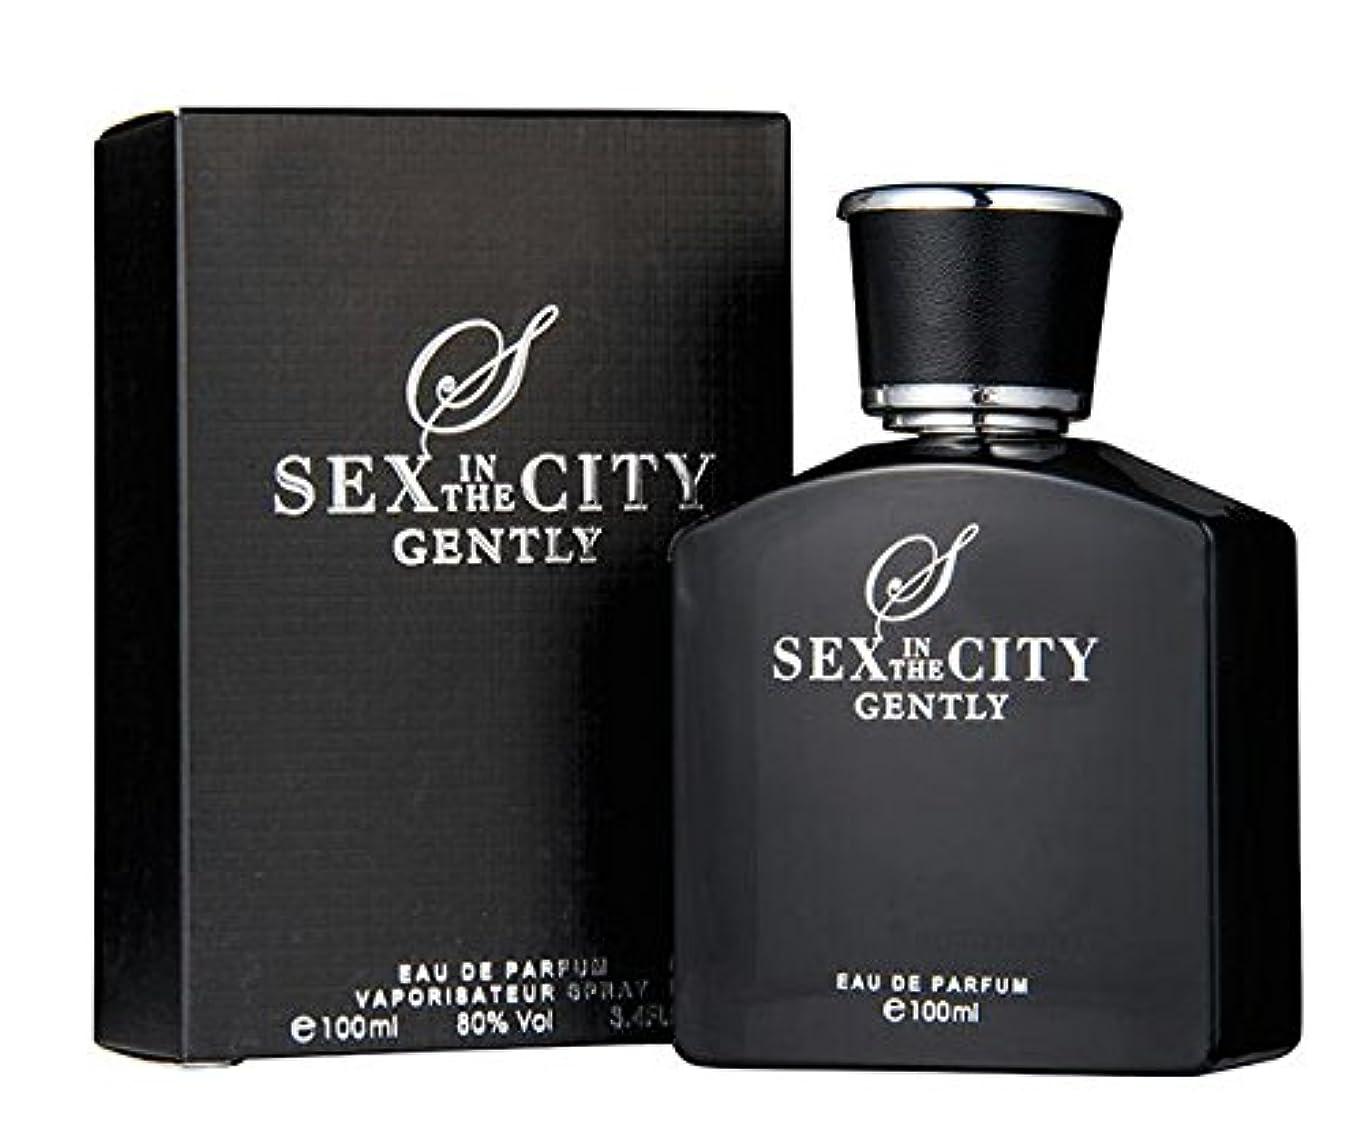 アルファベットコミット既婚◆【SEX IN THE CITY】メンズ香水◆セックスインザシティ ジェントリー オードパルファムEDP 100ml◆